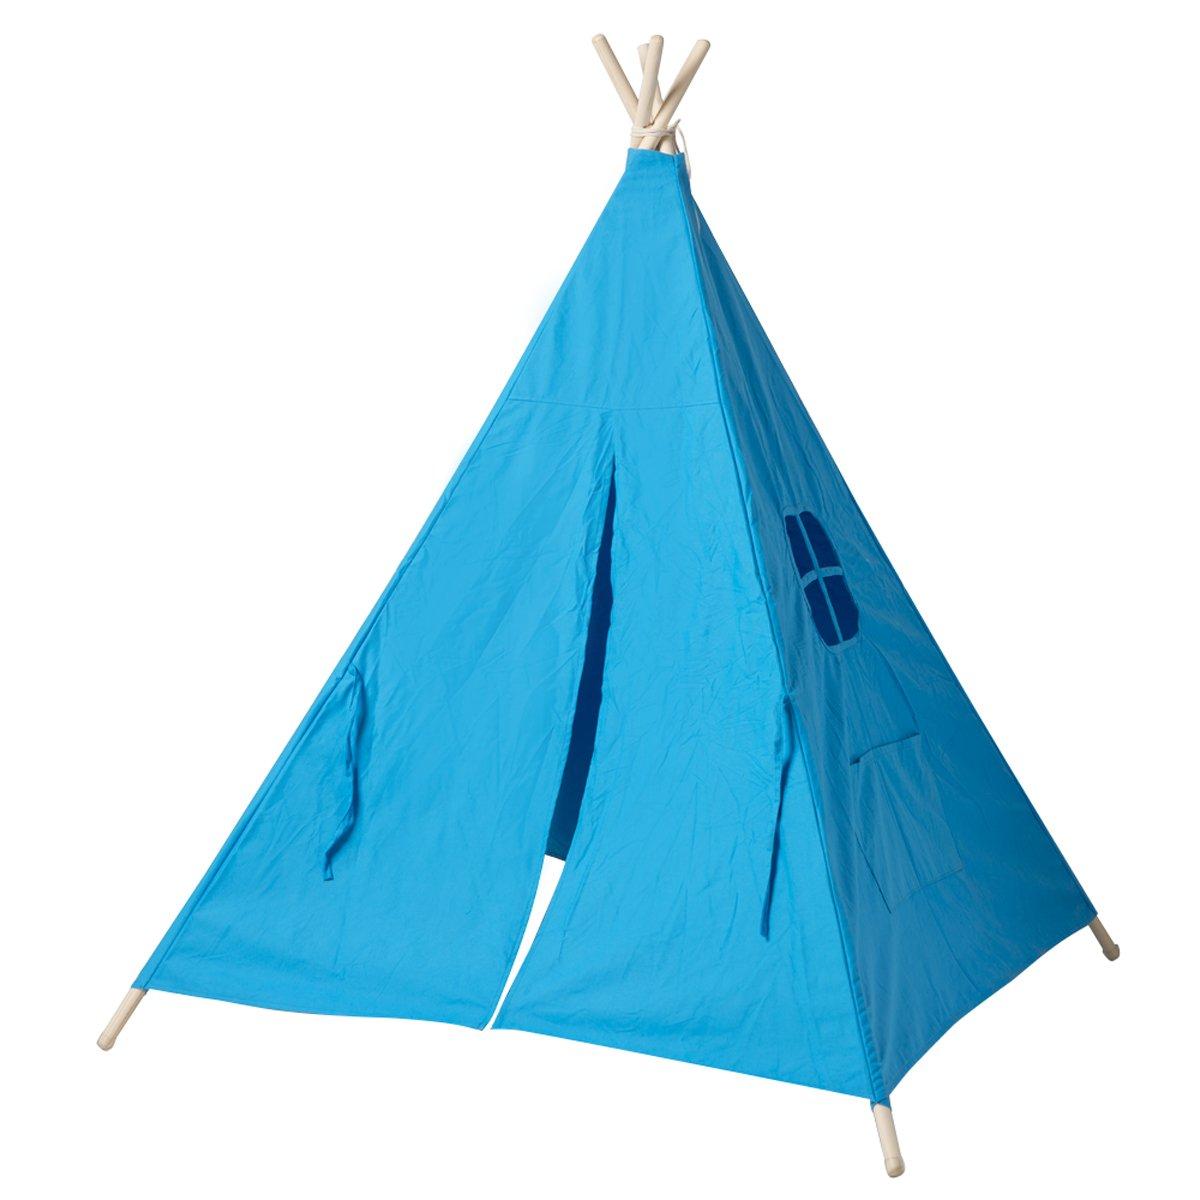 Disponible en blanc, blu Maisonnette Wigwam pour les enfants très facile à installer à la plage Teepee en toile de coton et en bois parfait pour jouer dehors dans le jardin comme dans la maison TIPI ENFANT Tente dIndien pour garçon et pour fille